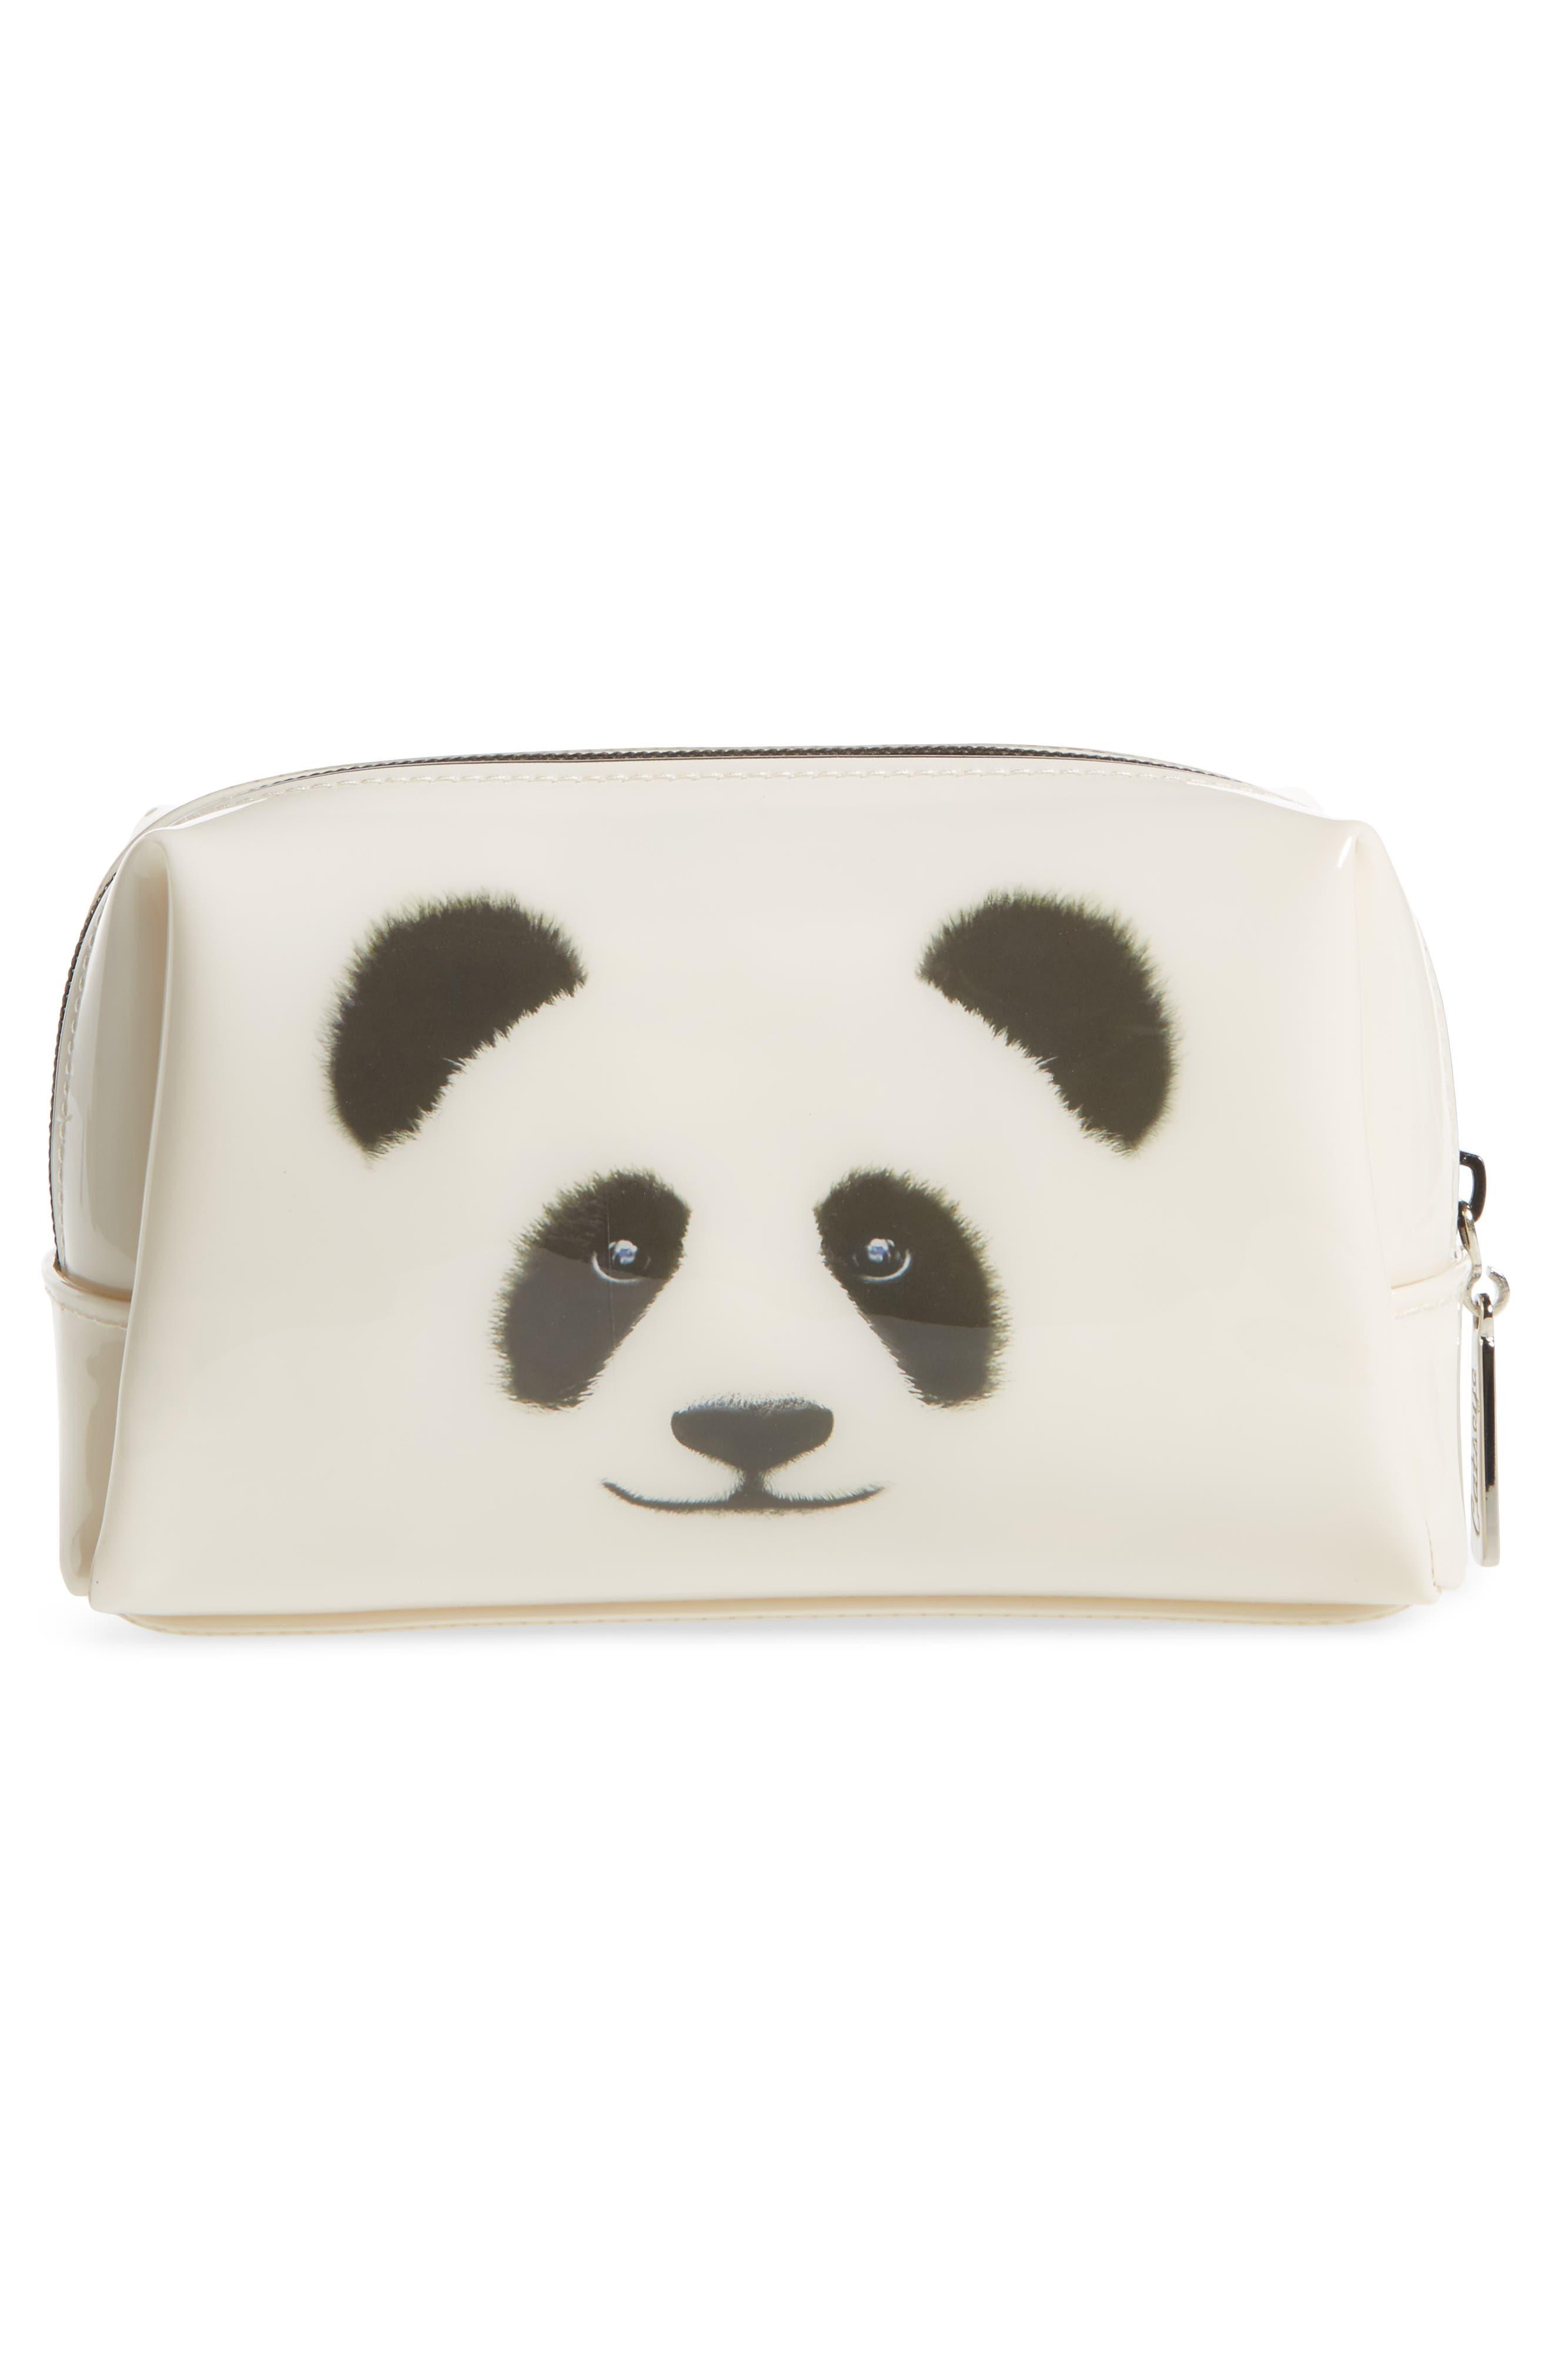 Alternate Image 2  - Catseye London Monochrome Panda Cosmetics Bag